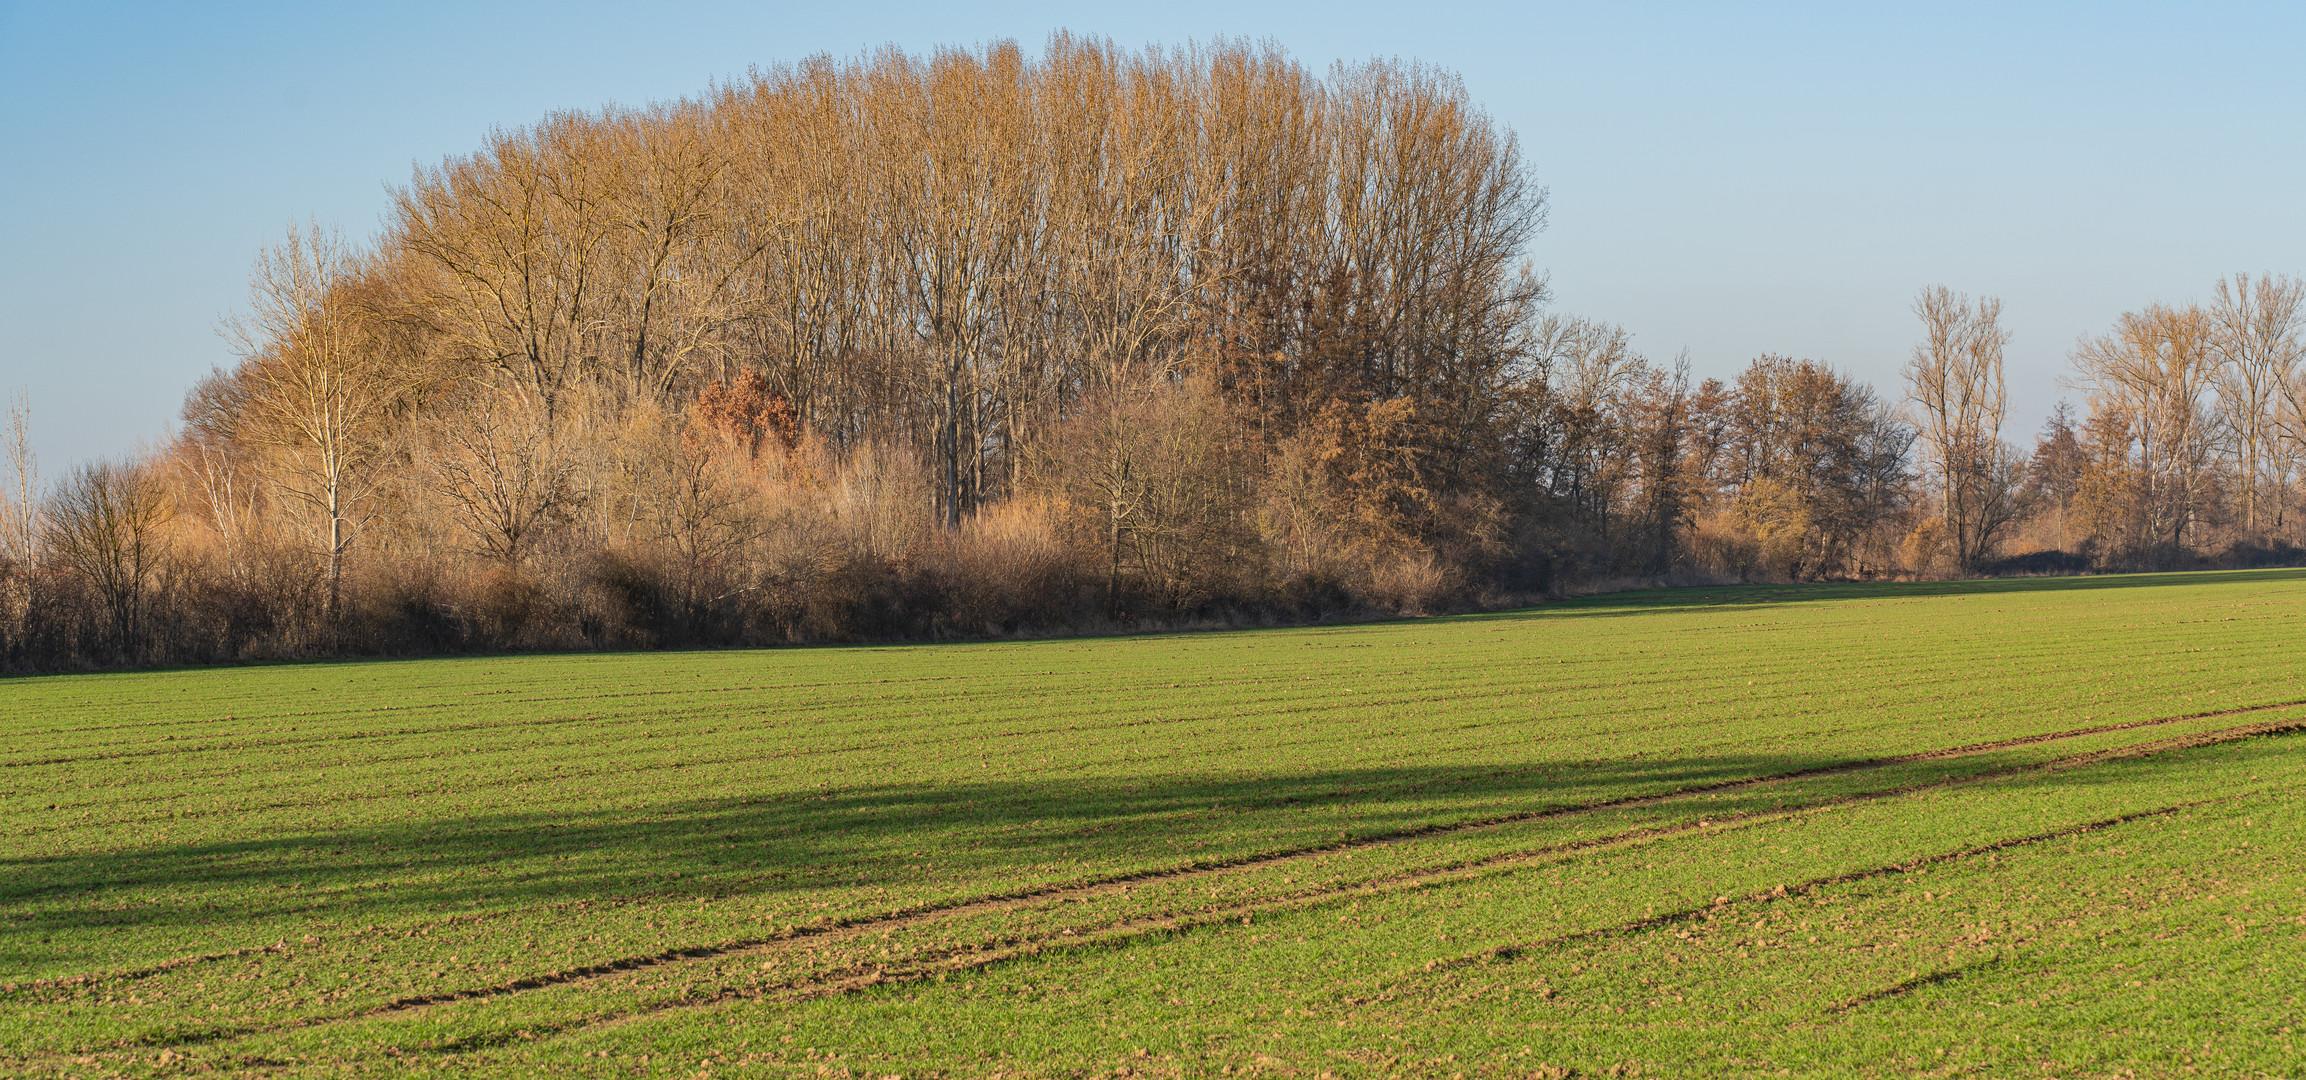 Hemmingen bei Hannover VI